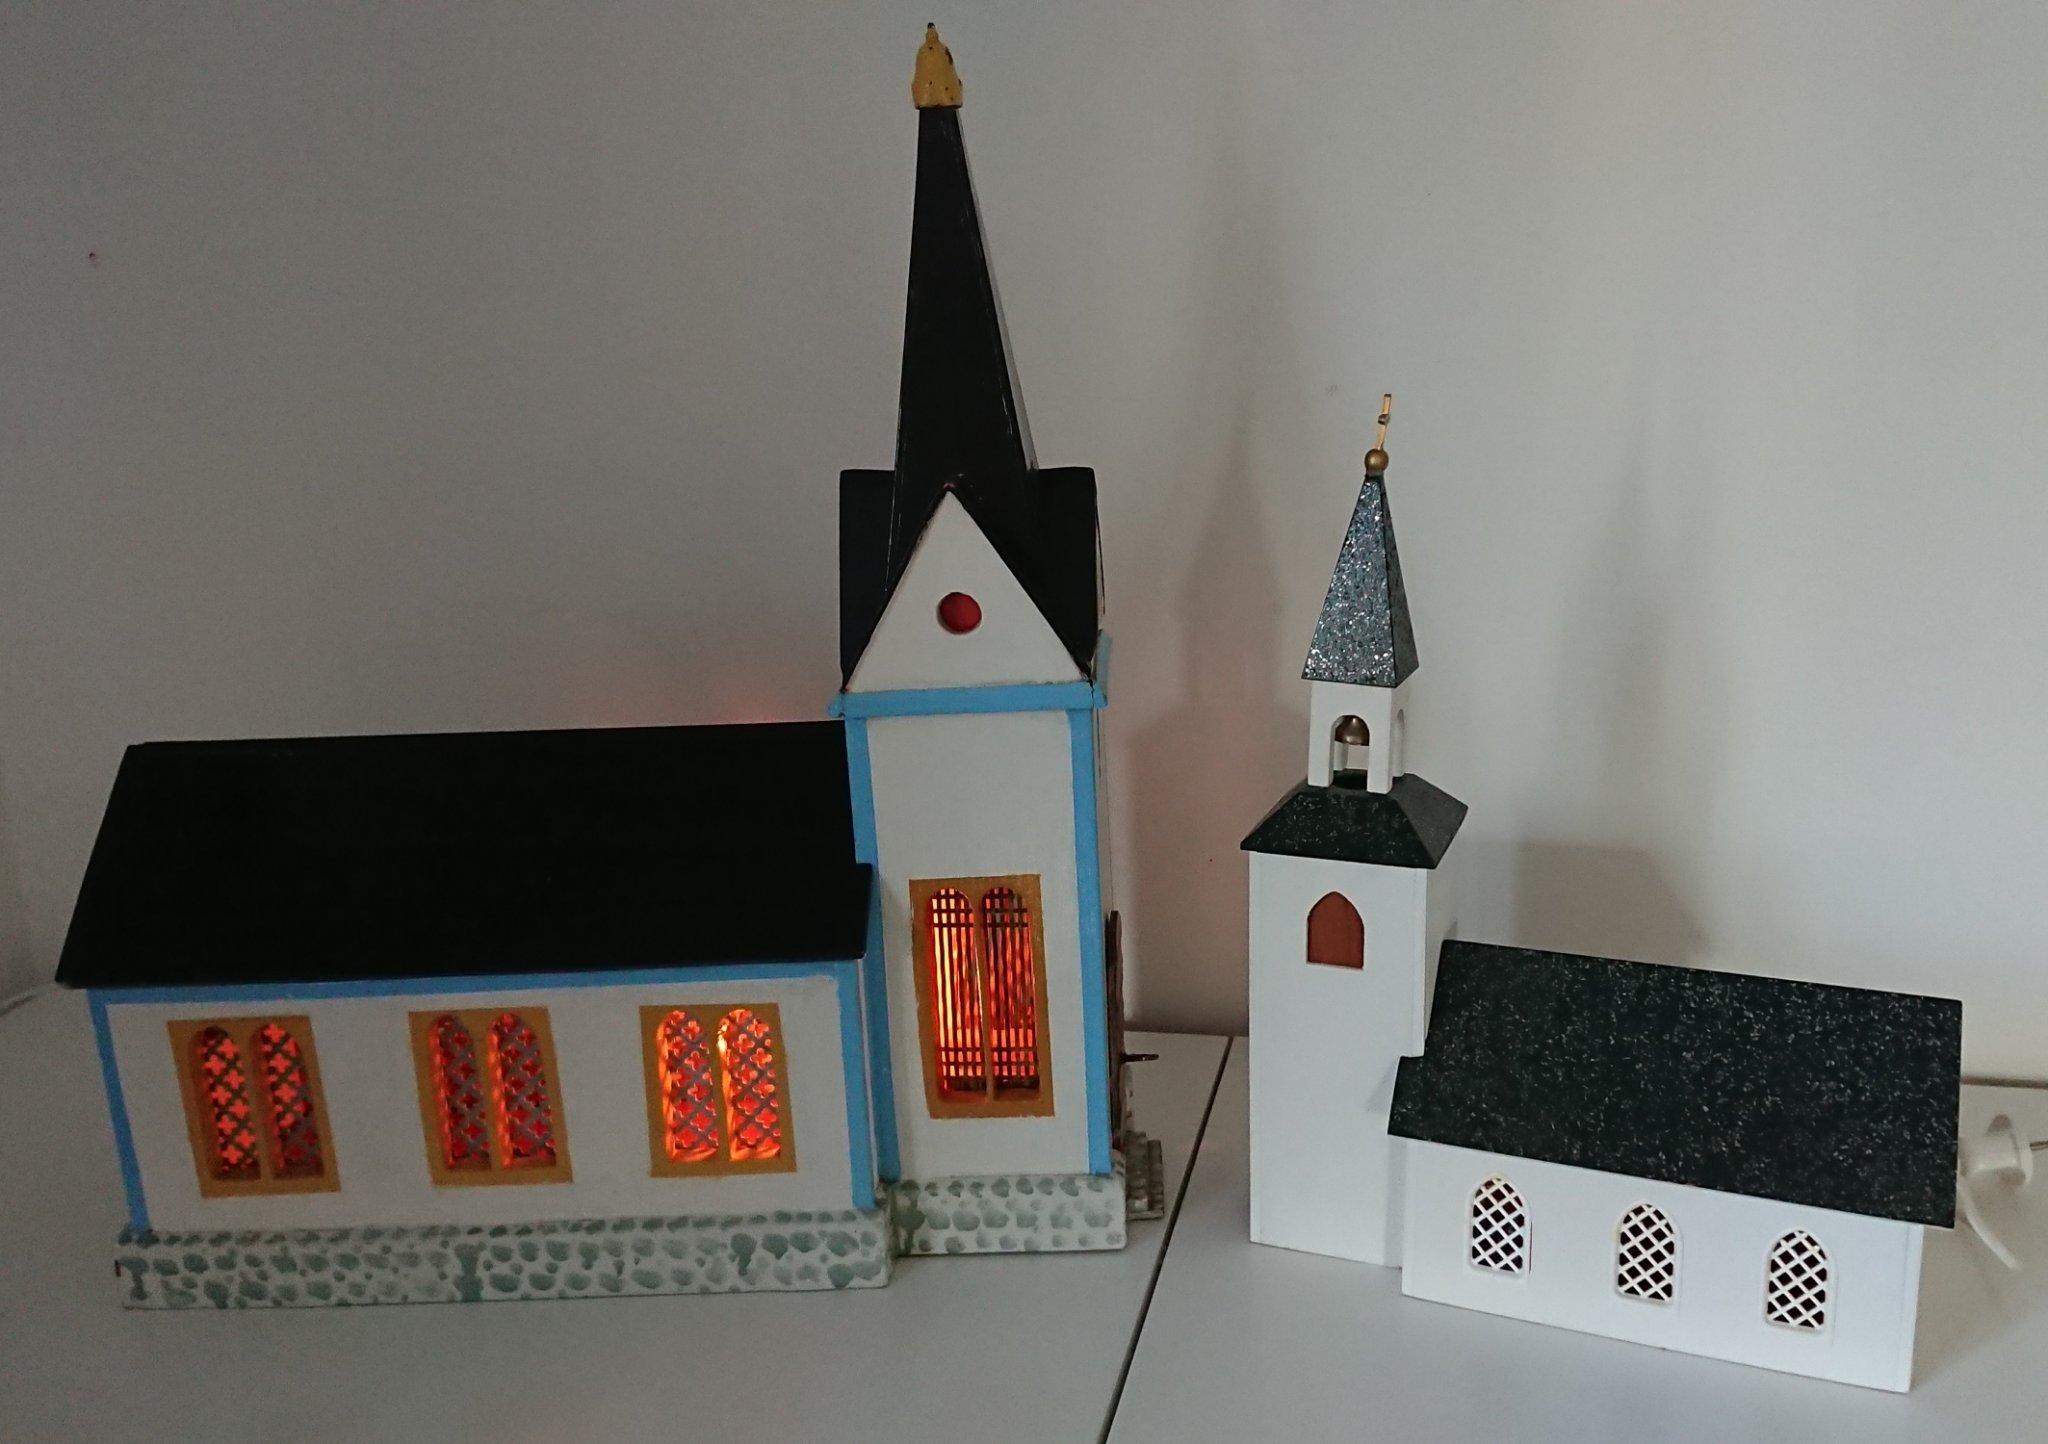 kyrka med belysning och speldosa